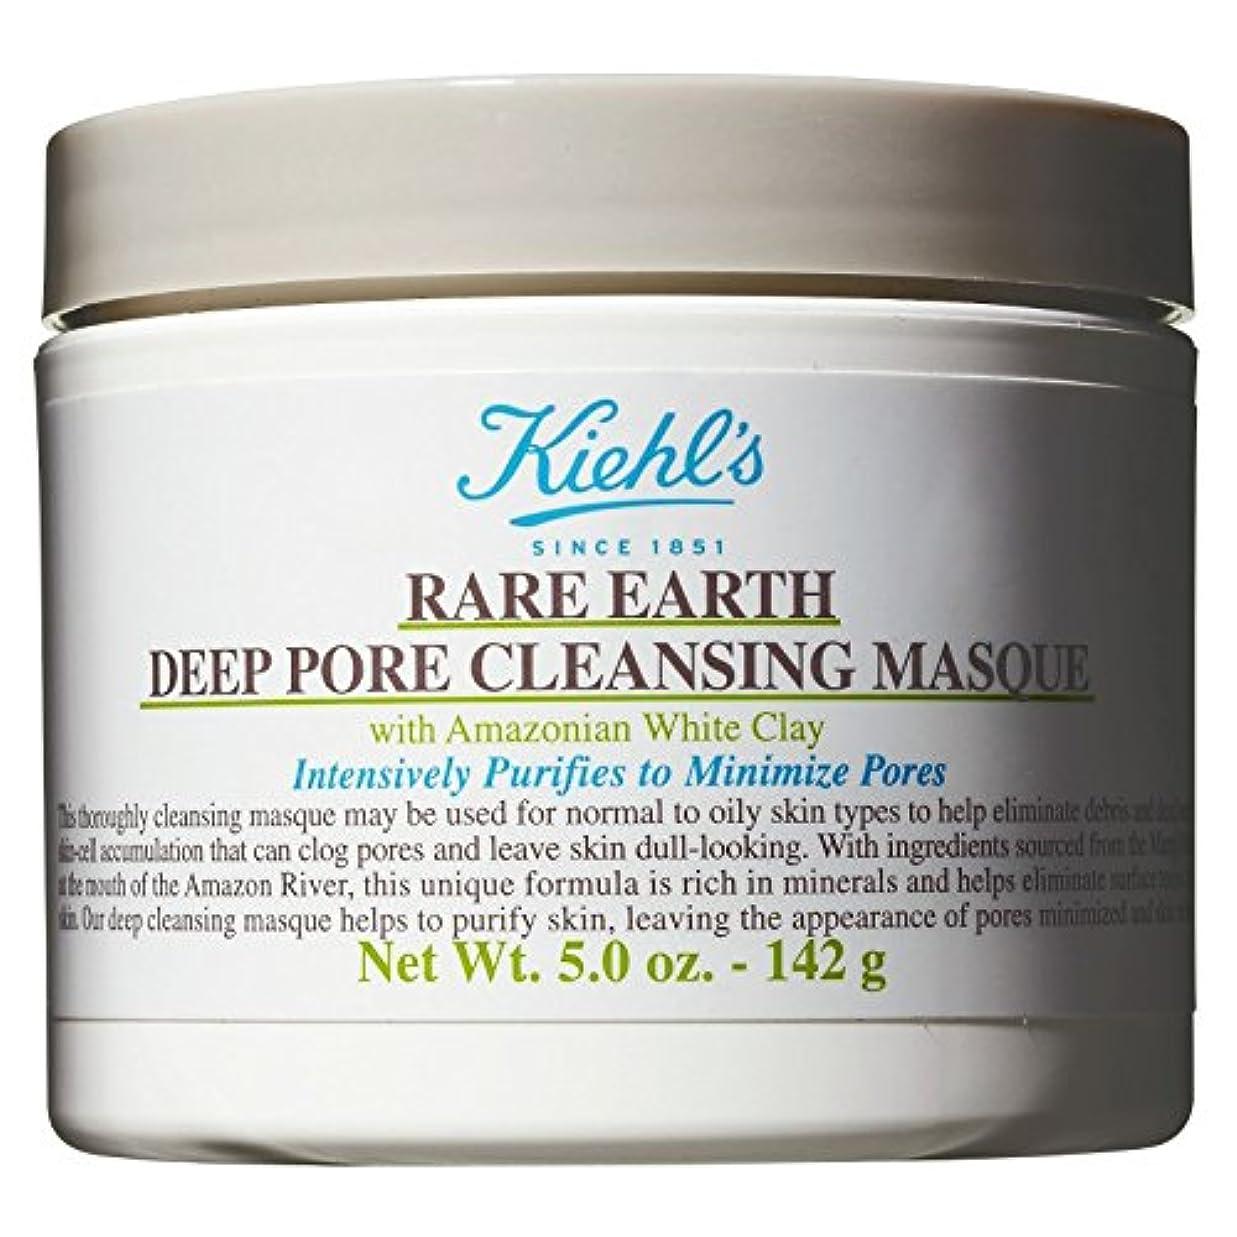 露赤字読書[Kiehl's] キールズ希土類ポアクレンジング仮面の125ミリリットル - Kiehl's Rare Earth Pore Cleansing Masque 125ml [並行輸入品]